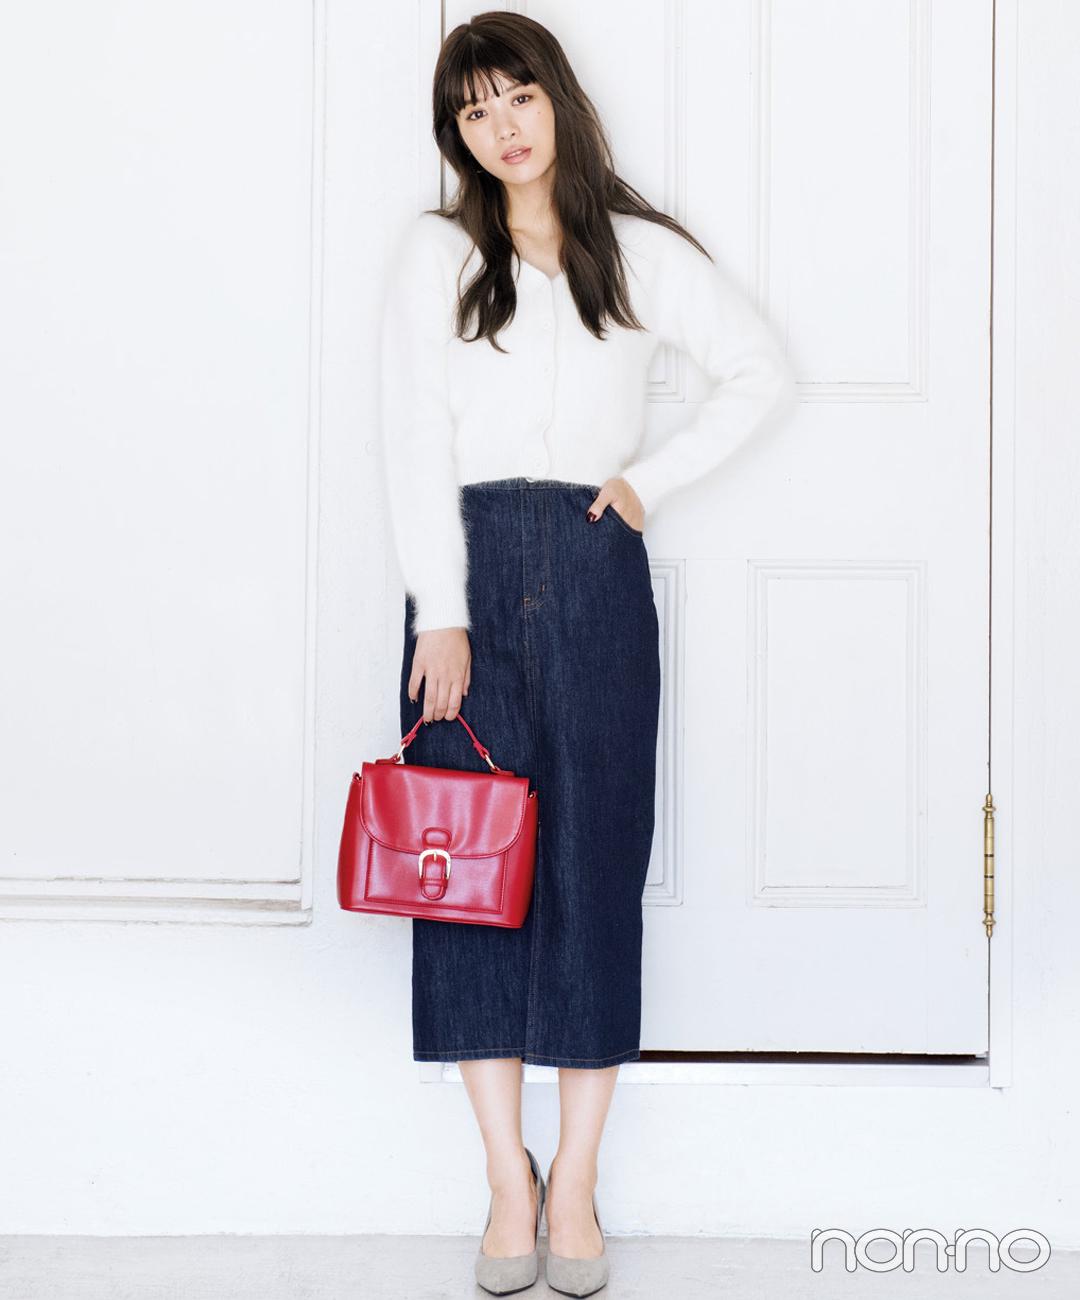 【デニムスカートコーデ5】白カーディガン×デニムロングスカート